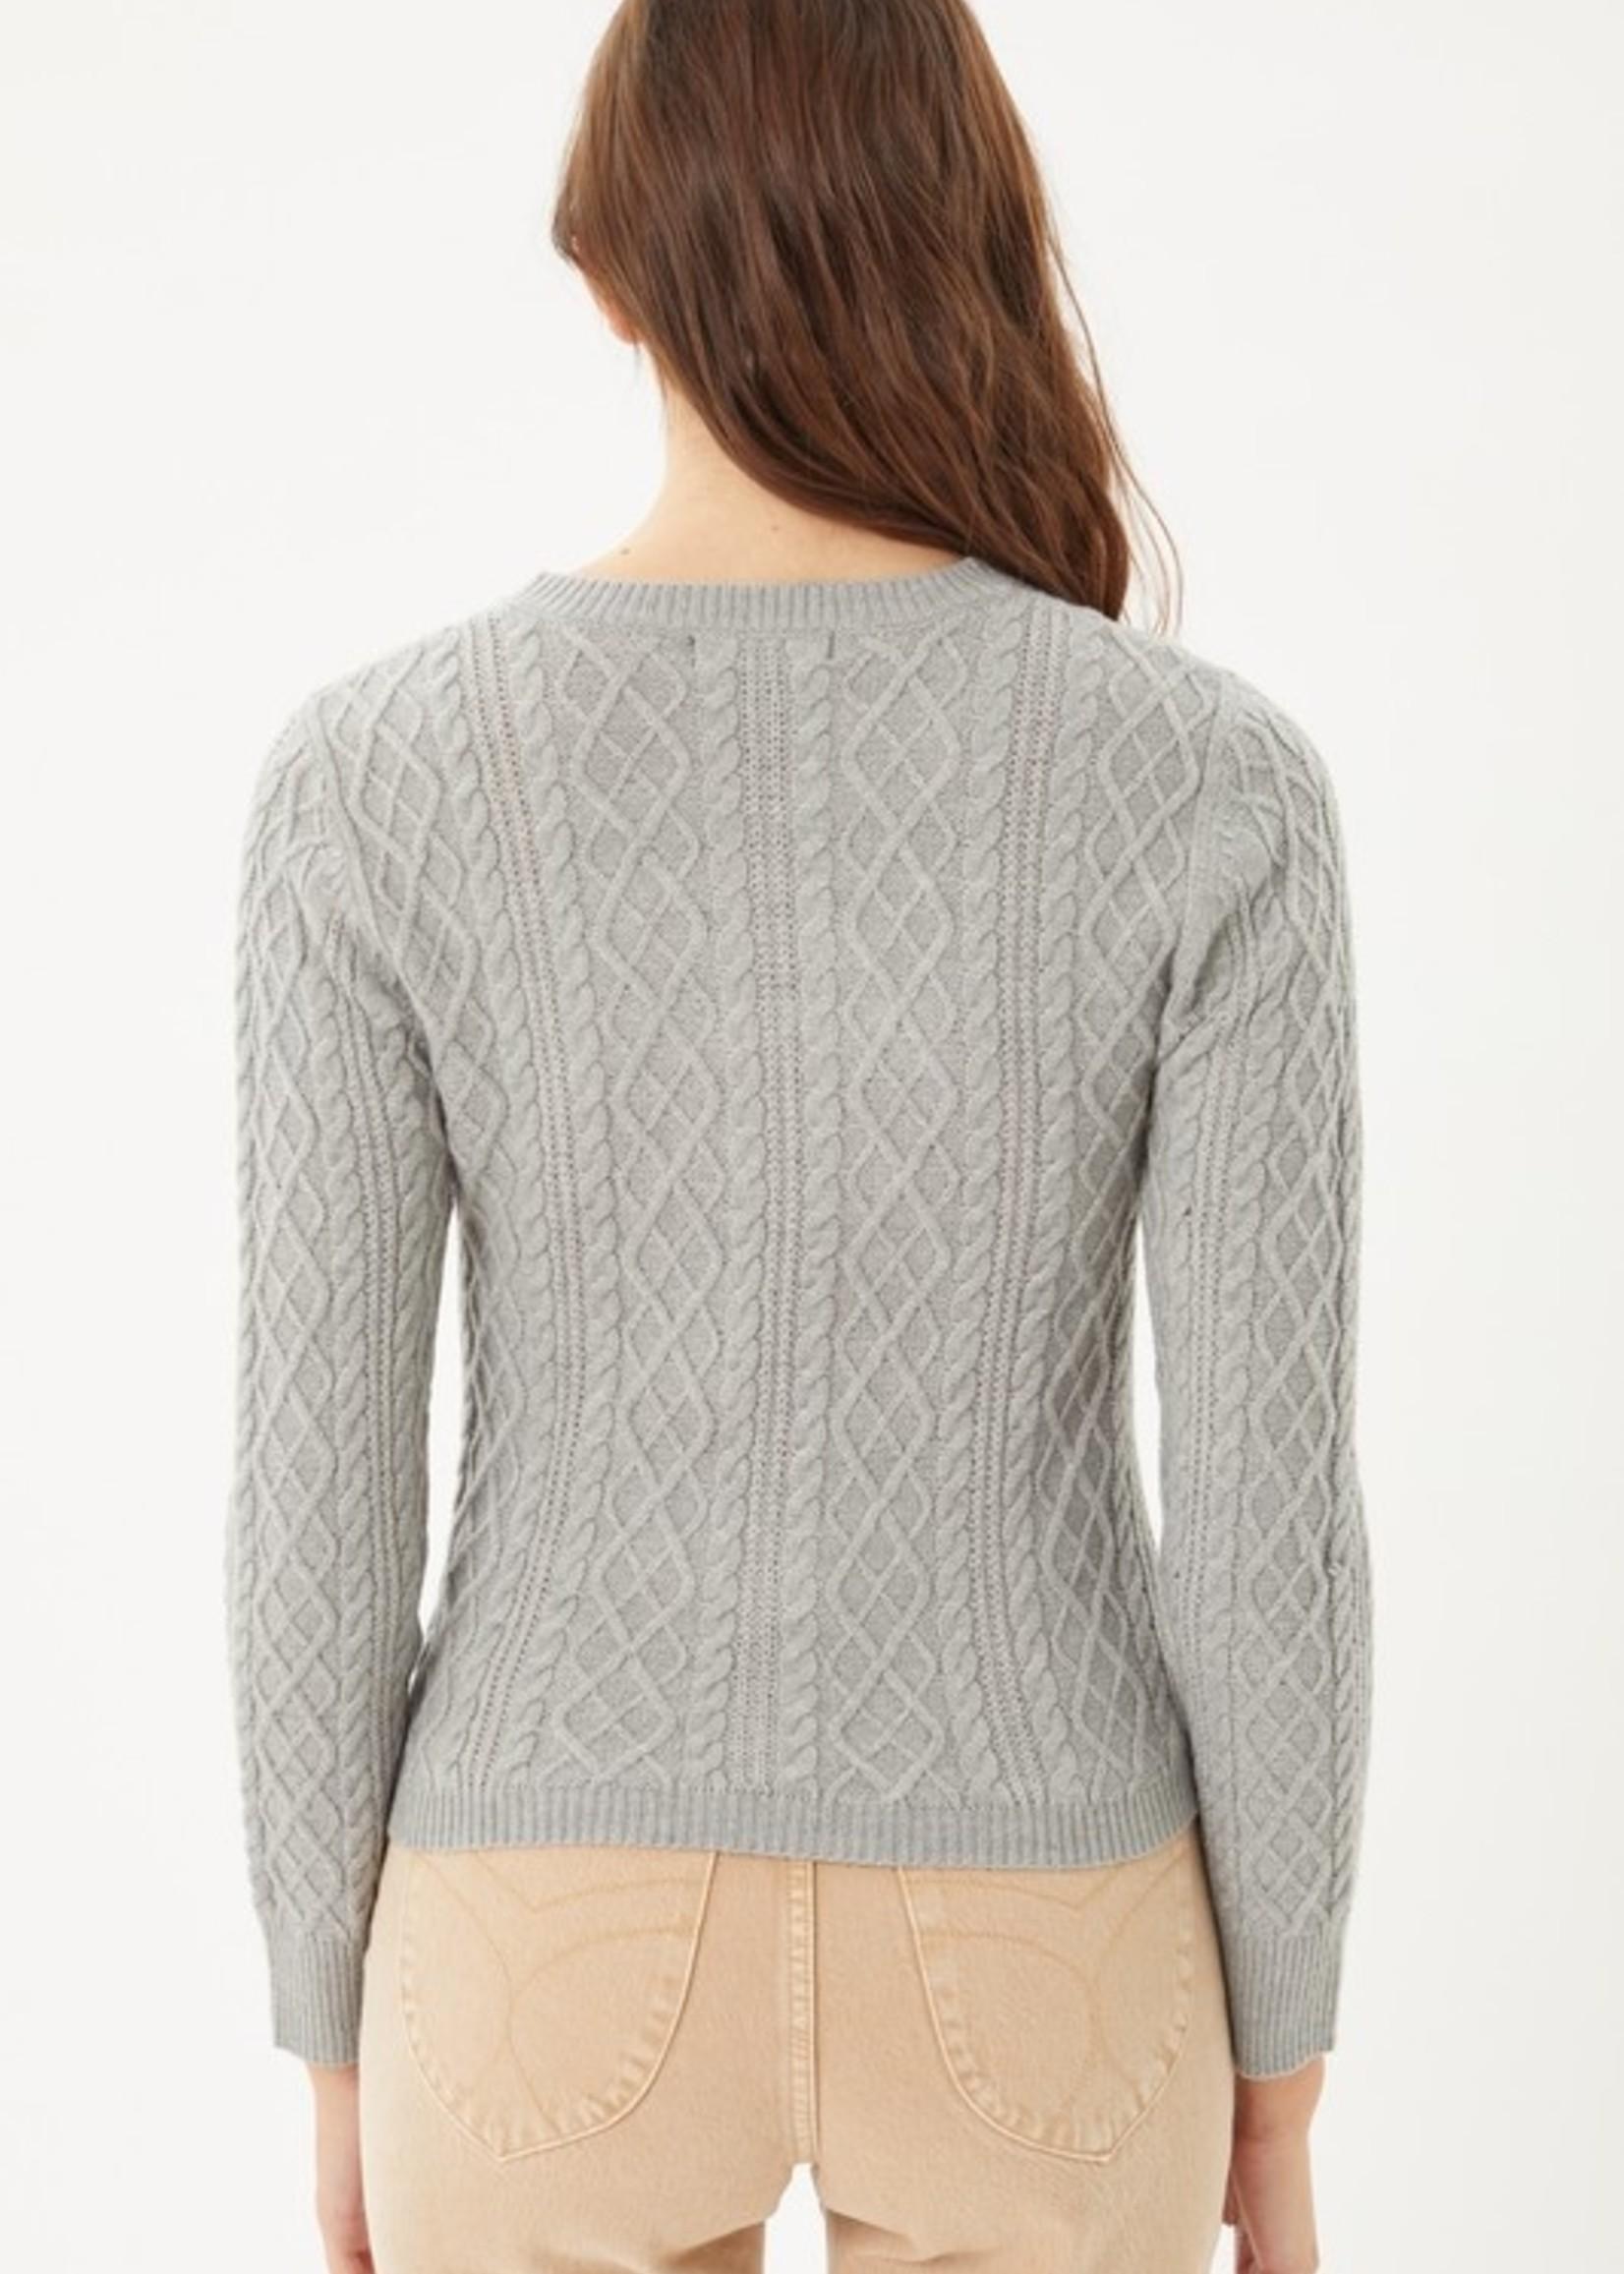 Slit cable knit 2 colors